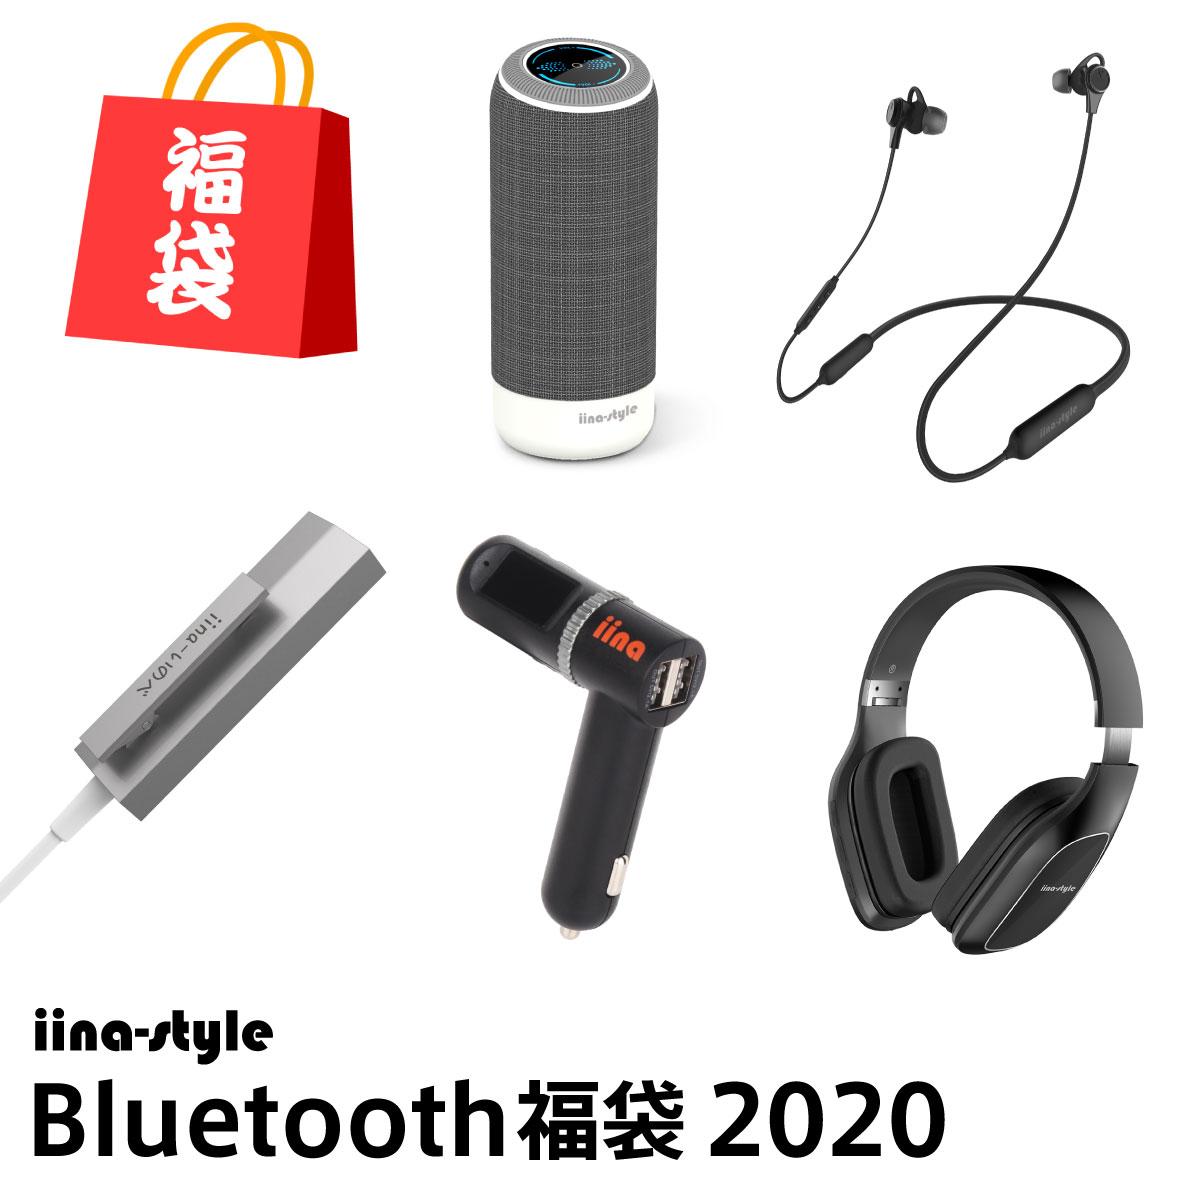 【数量限定】【福袋 2020】【総額3万円分】 iina-style Bluetoothオーディオ福袋 イヤホン・スピーカー・ヘッドホン・FMトランスミッター・ヘッドホンアンプ